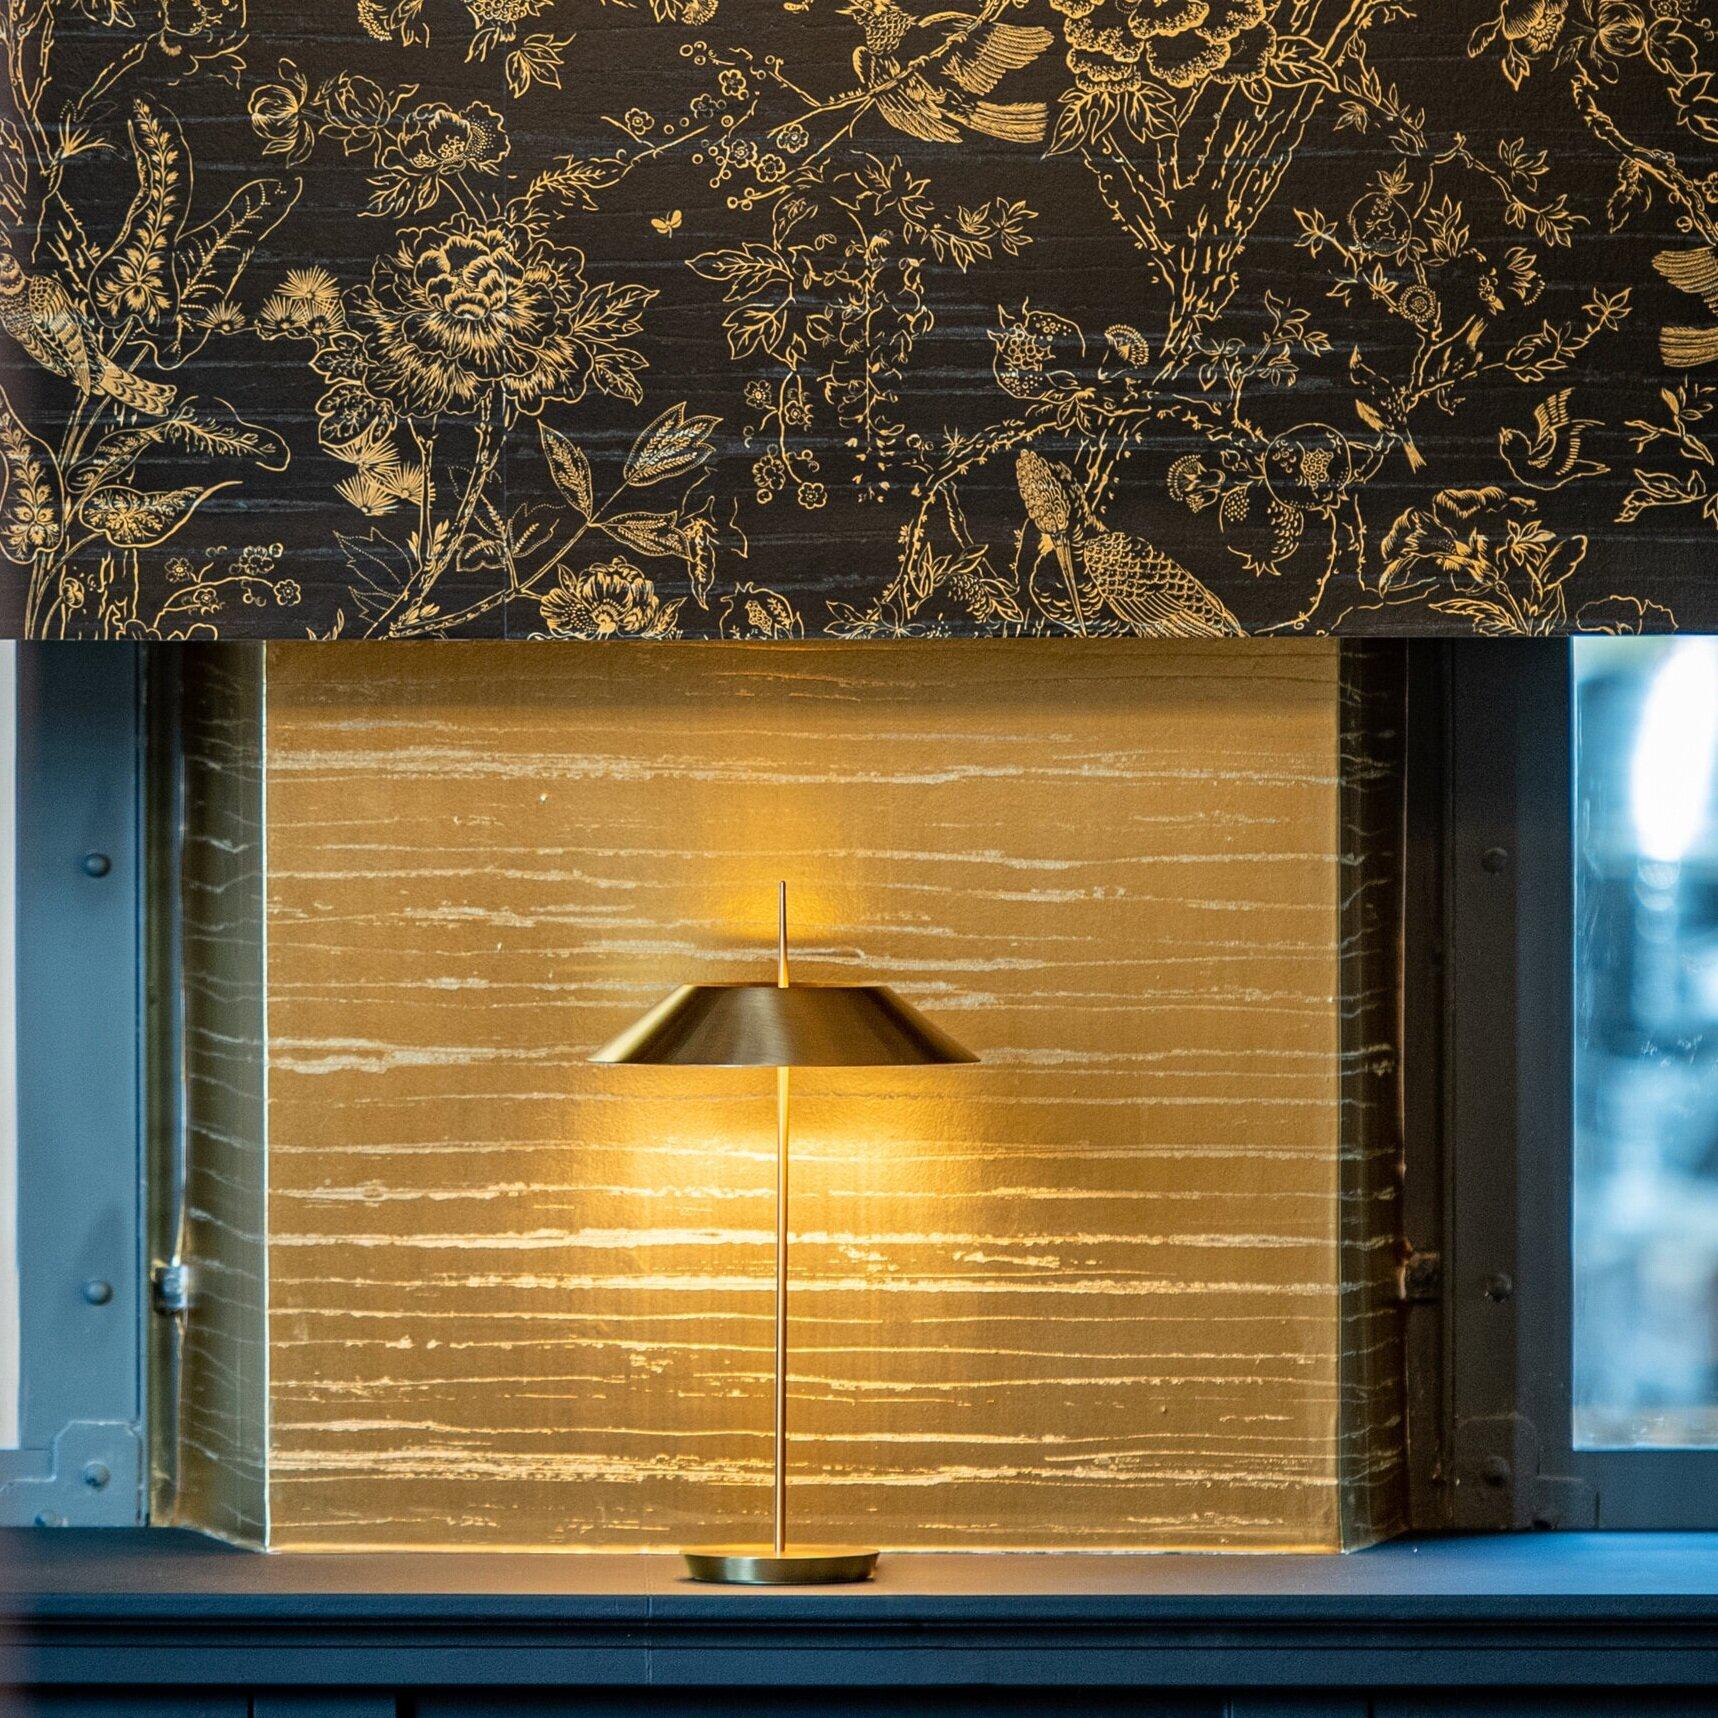 Dedar durable wallpapers